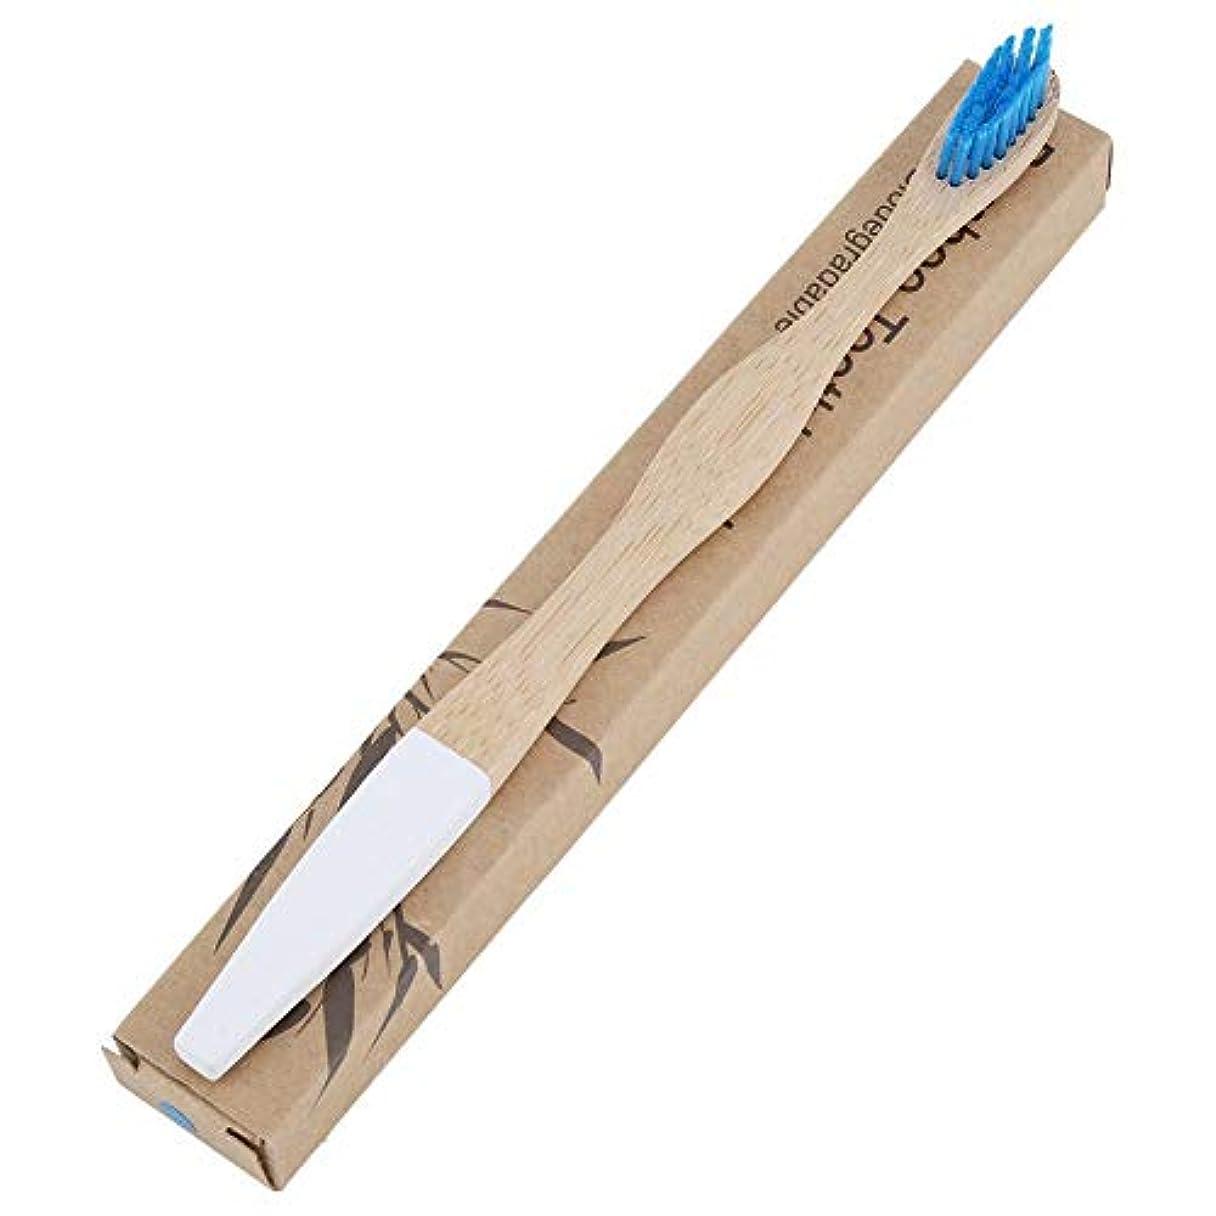 ペパーミントキリスト教スリッパ口の健康 贅沢ケア 柔らかい歯ブラシ 歯ブラシ 歯周ケアハブラシ 超極細毛 コンパクトかため 竹ハンドル ブラシ 知覚過敏予防 大人用ハブラシ 2本 色は選べません(ブルー)